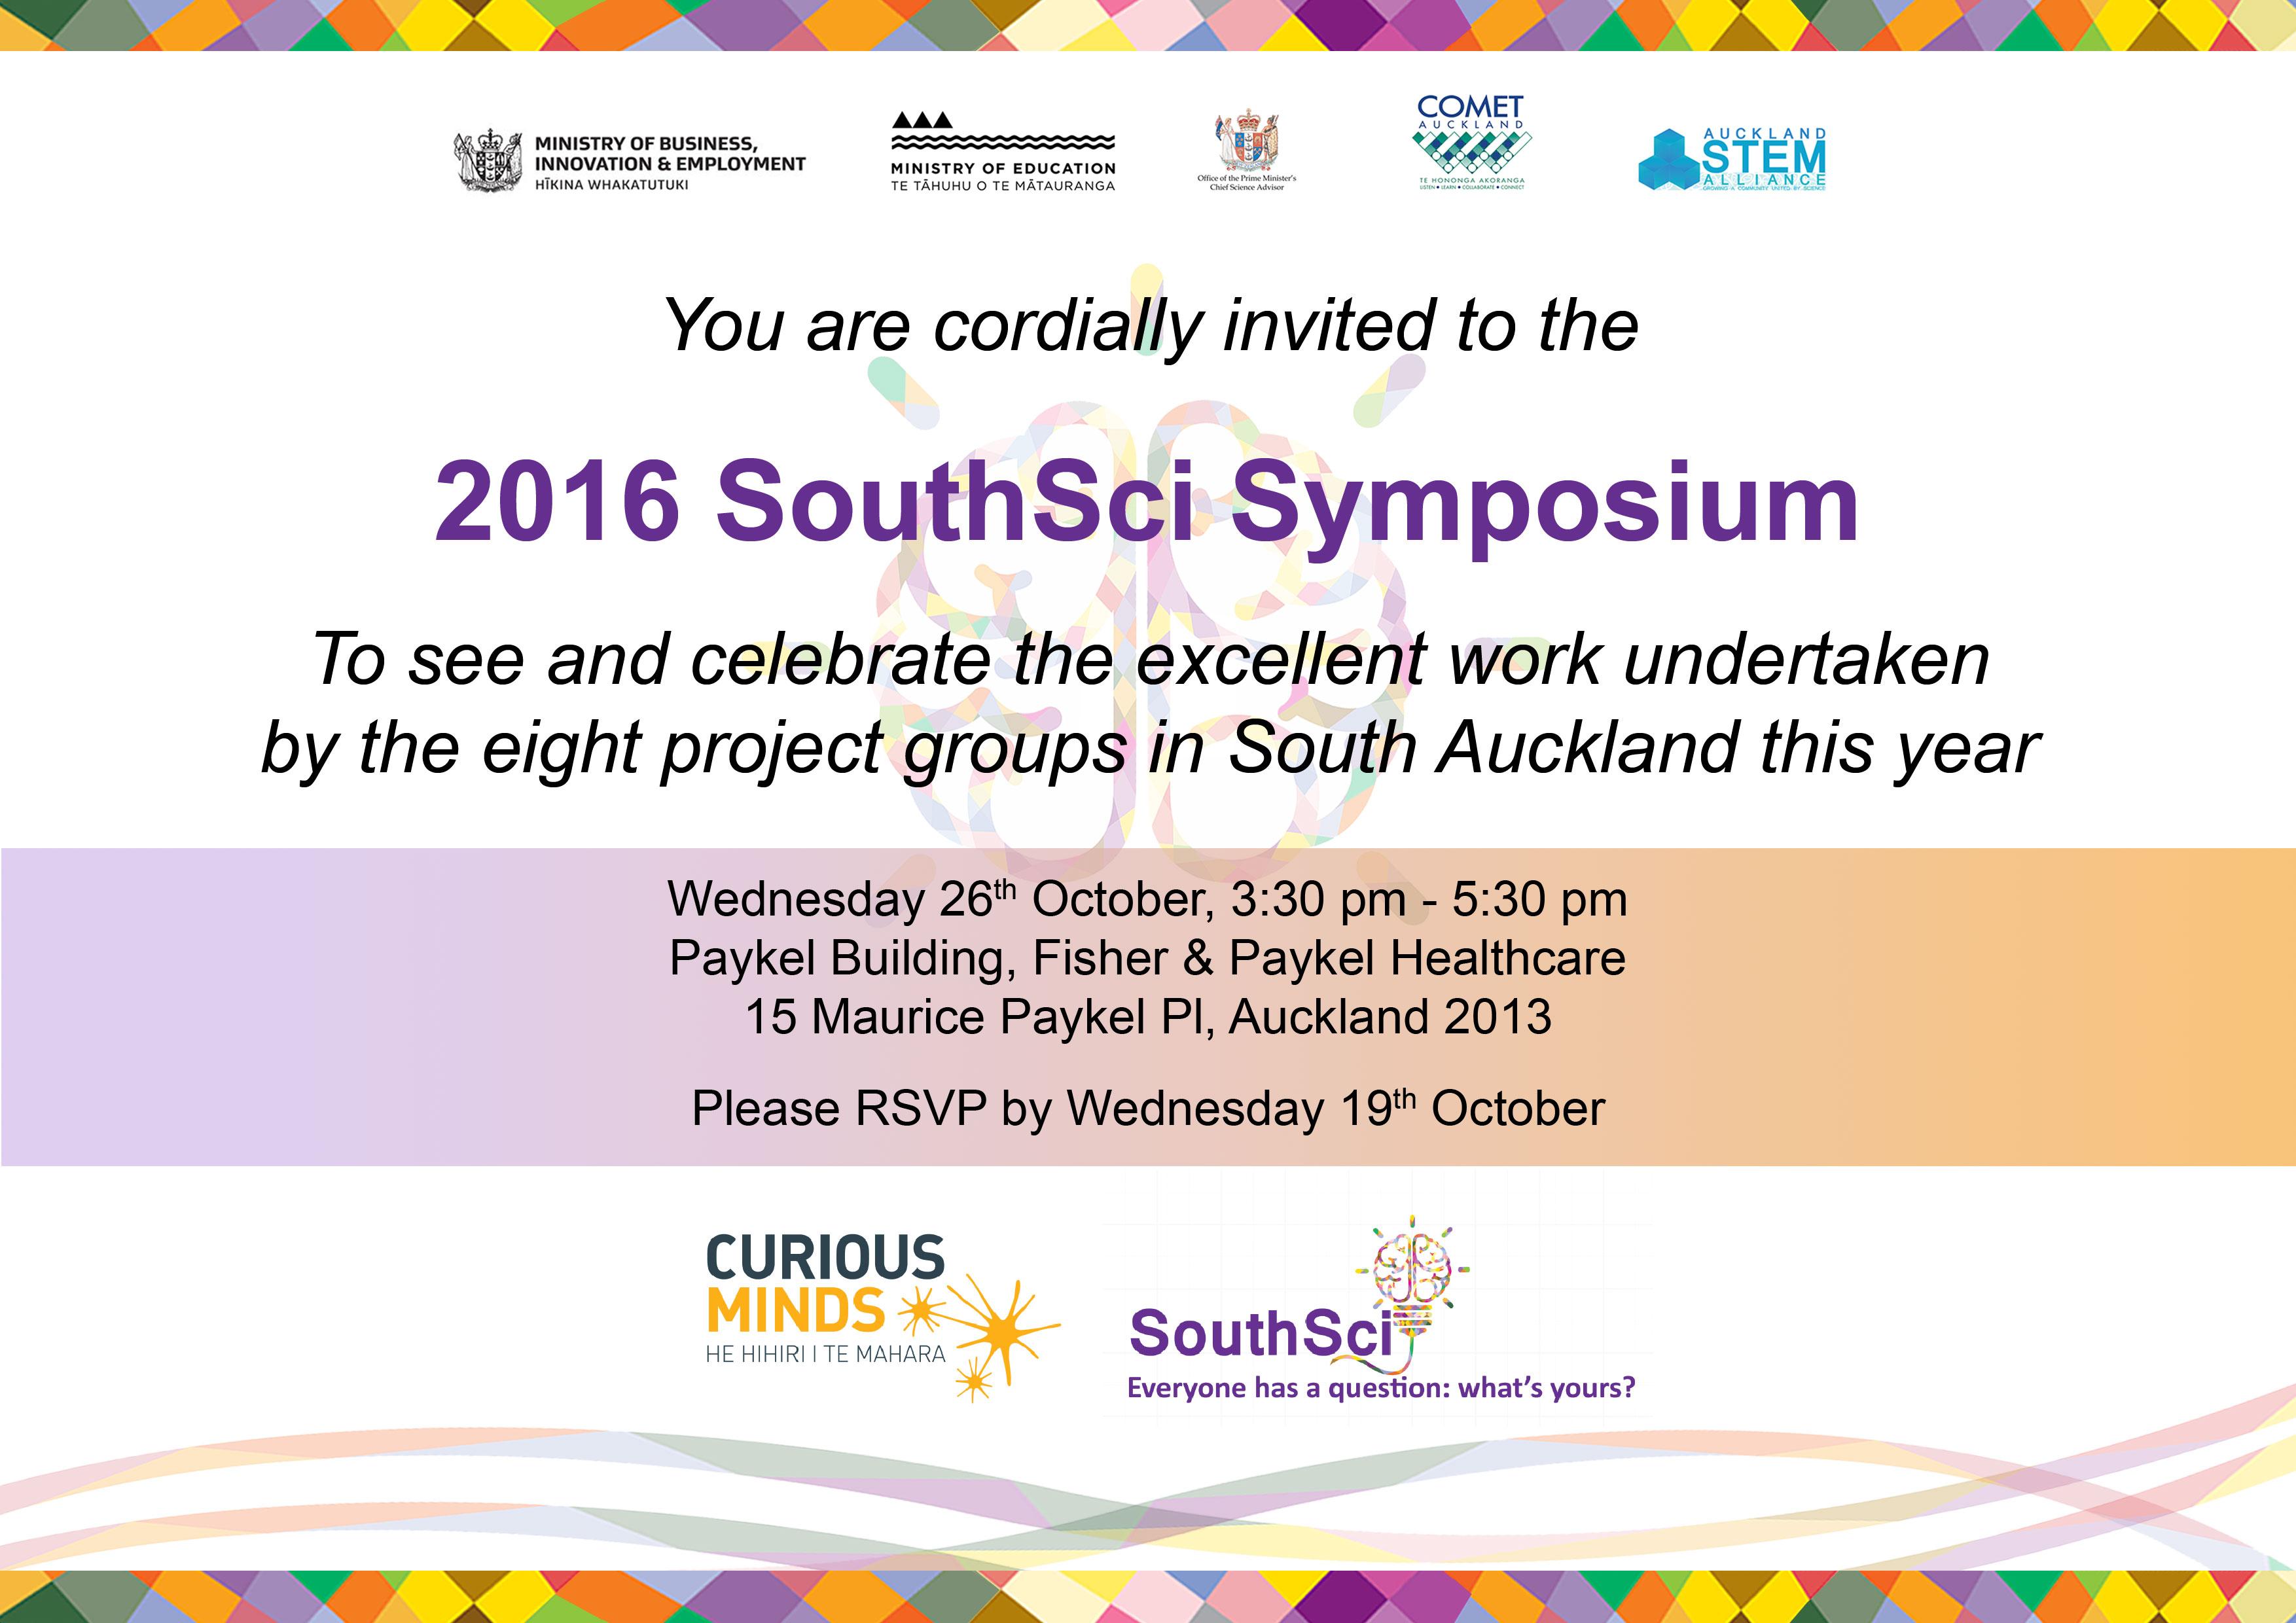 2016 SouthSci Symposium